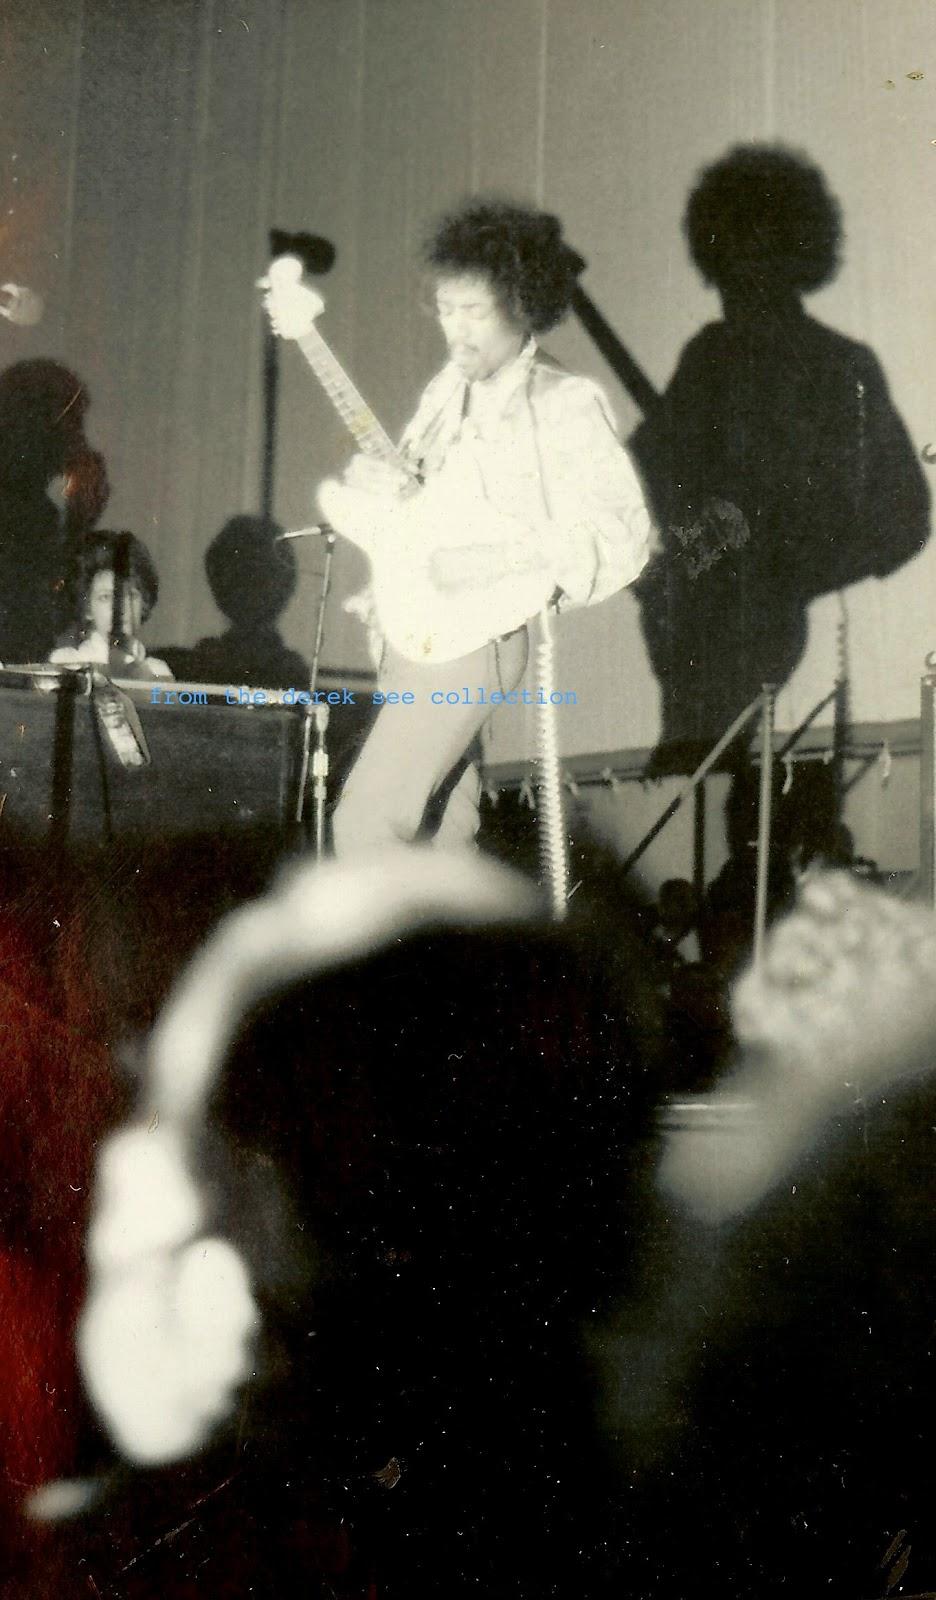 San Francisco (Winterland) : 10 octobre 1968 [Premier concert] 54a3b94540b78921b398f3fe23e73da1